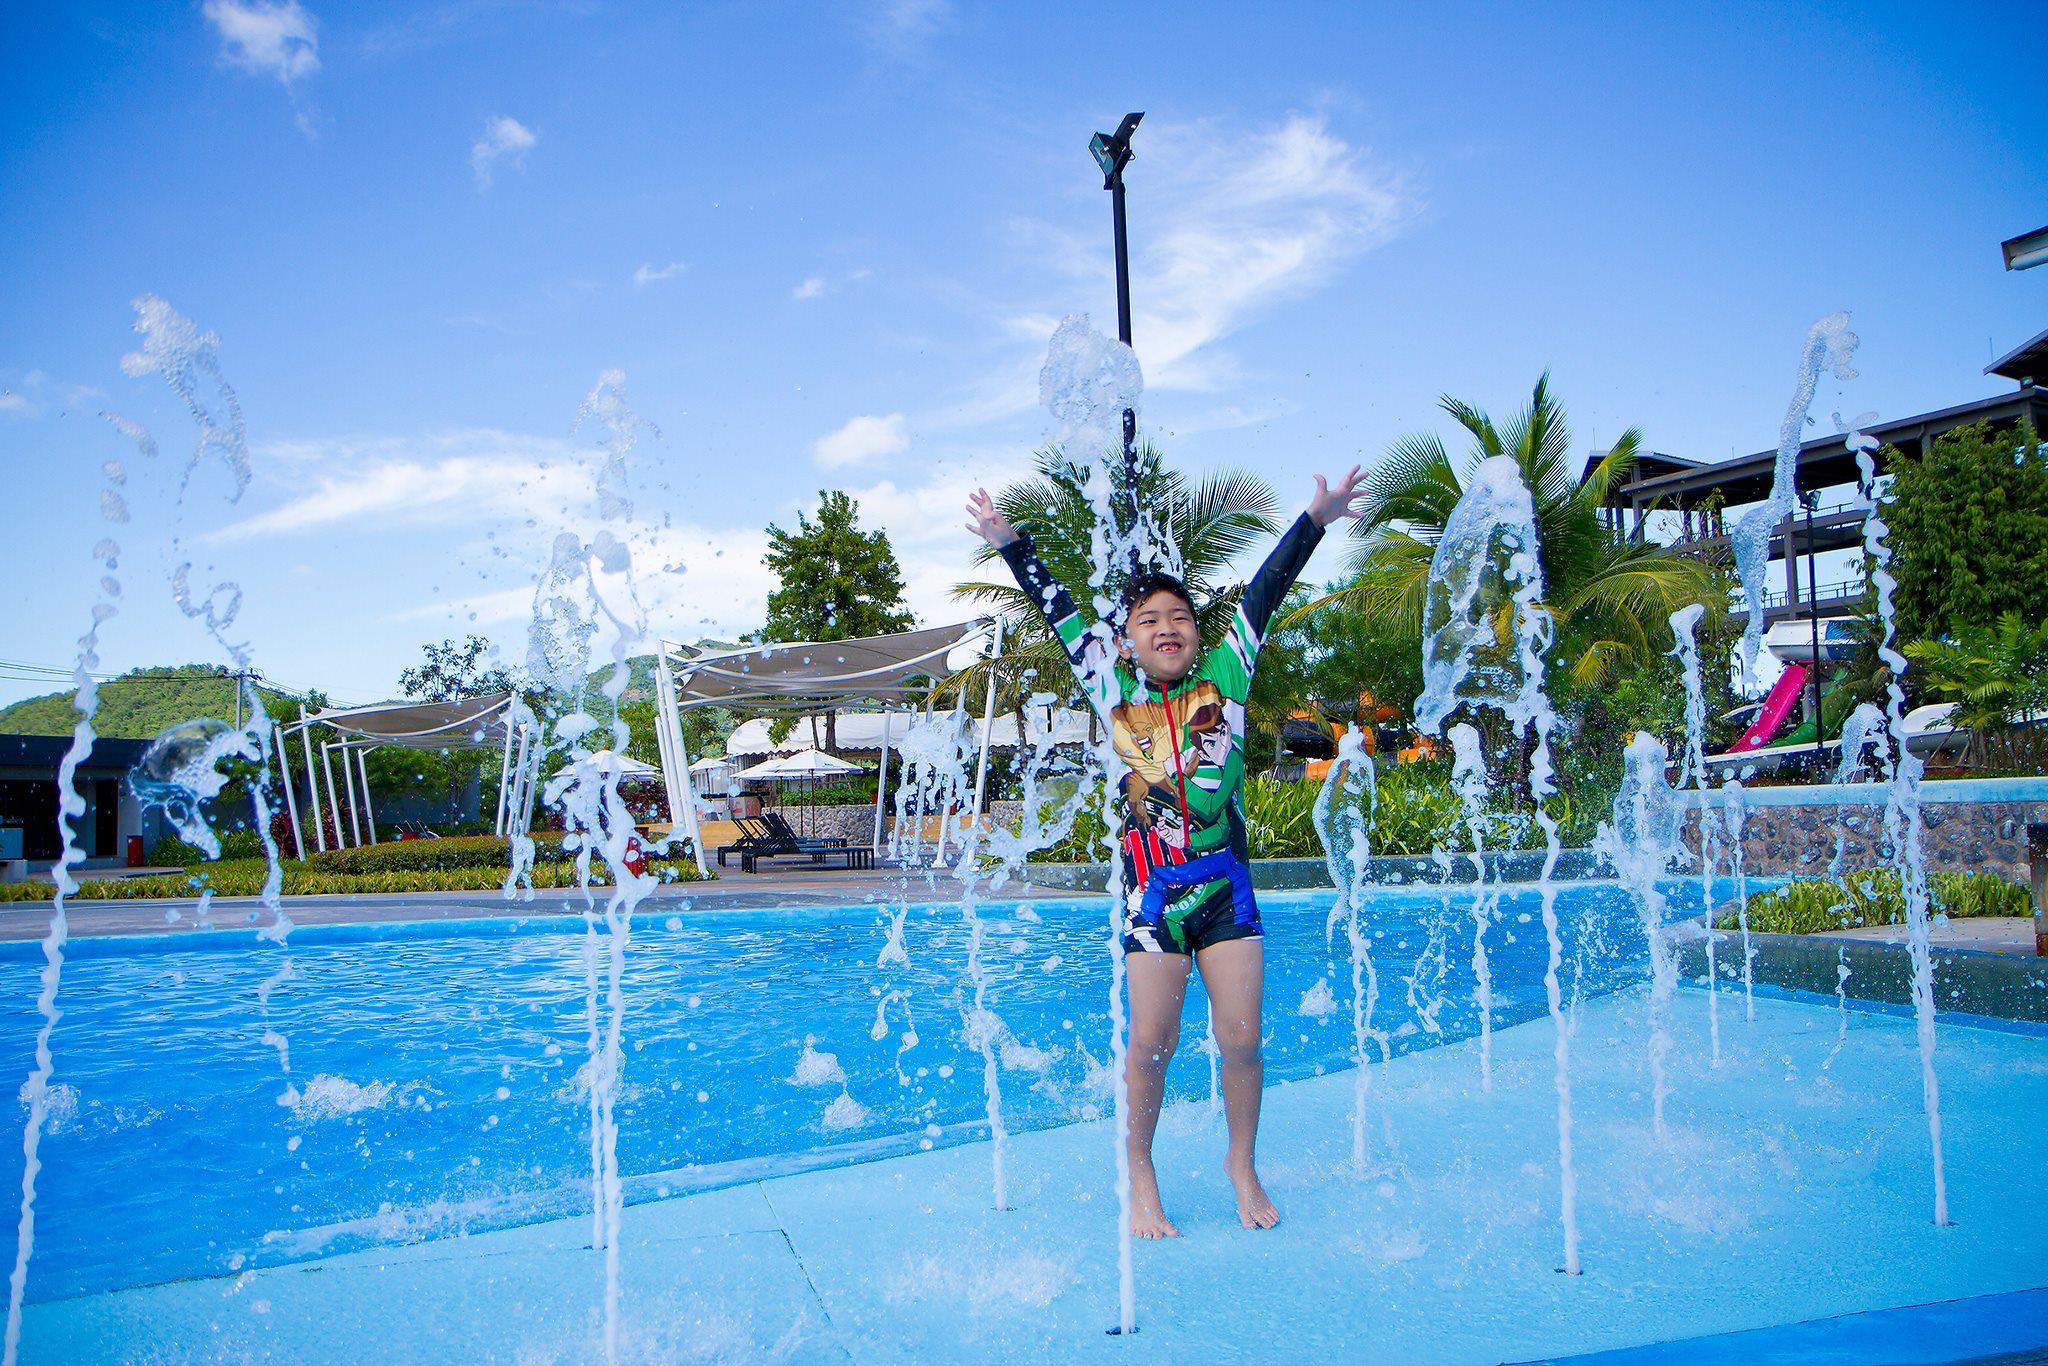 สวนน้ำในไทย สวนน้ำ Black Mountain Water Park